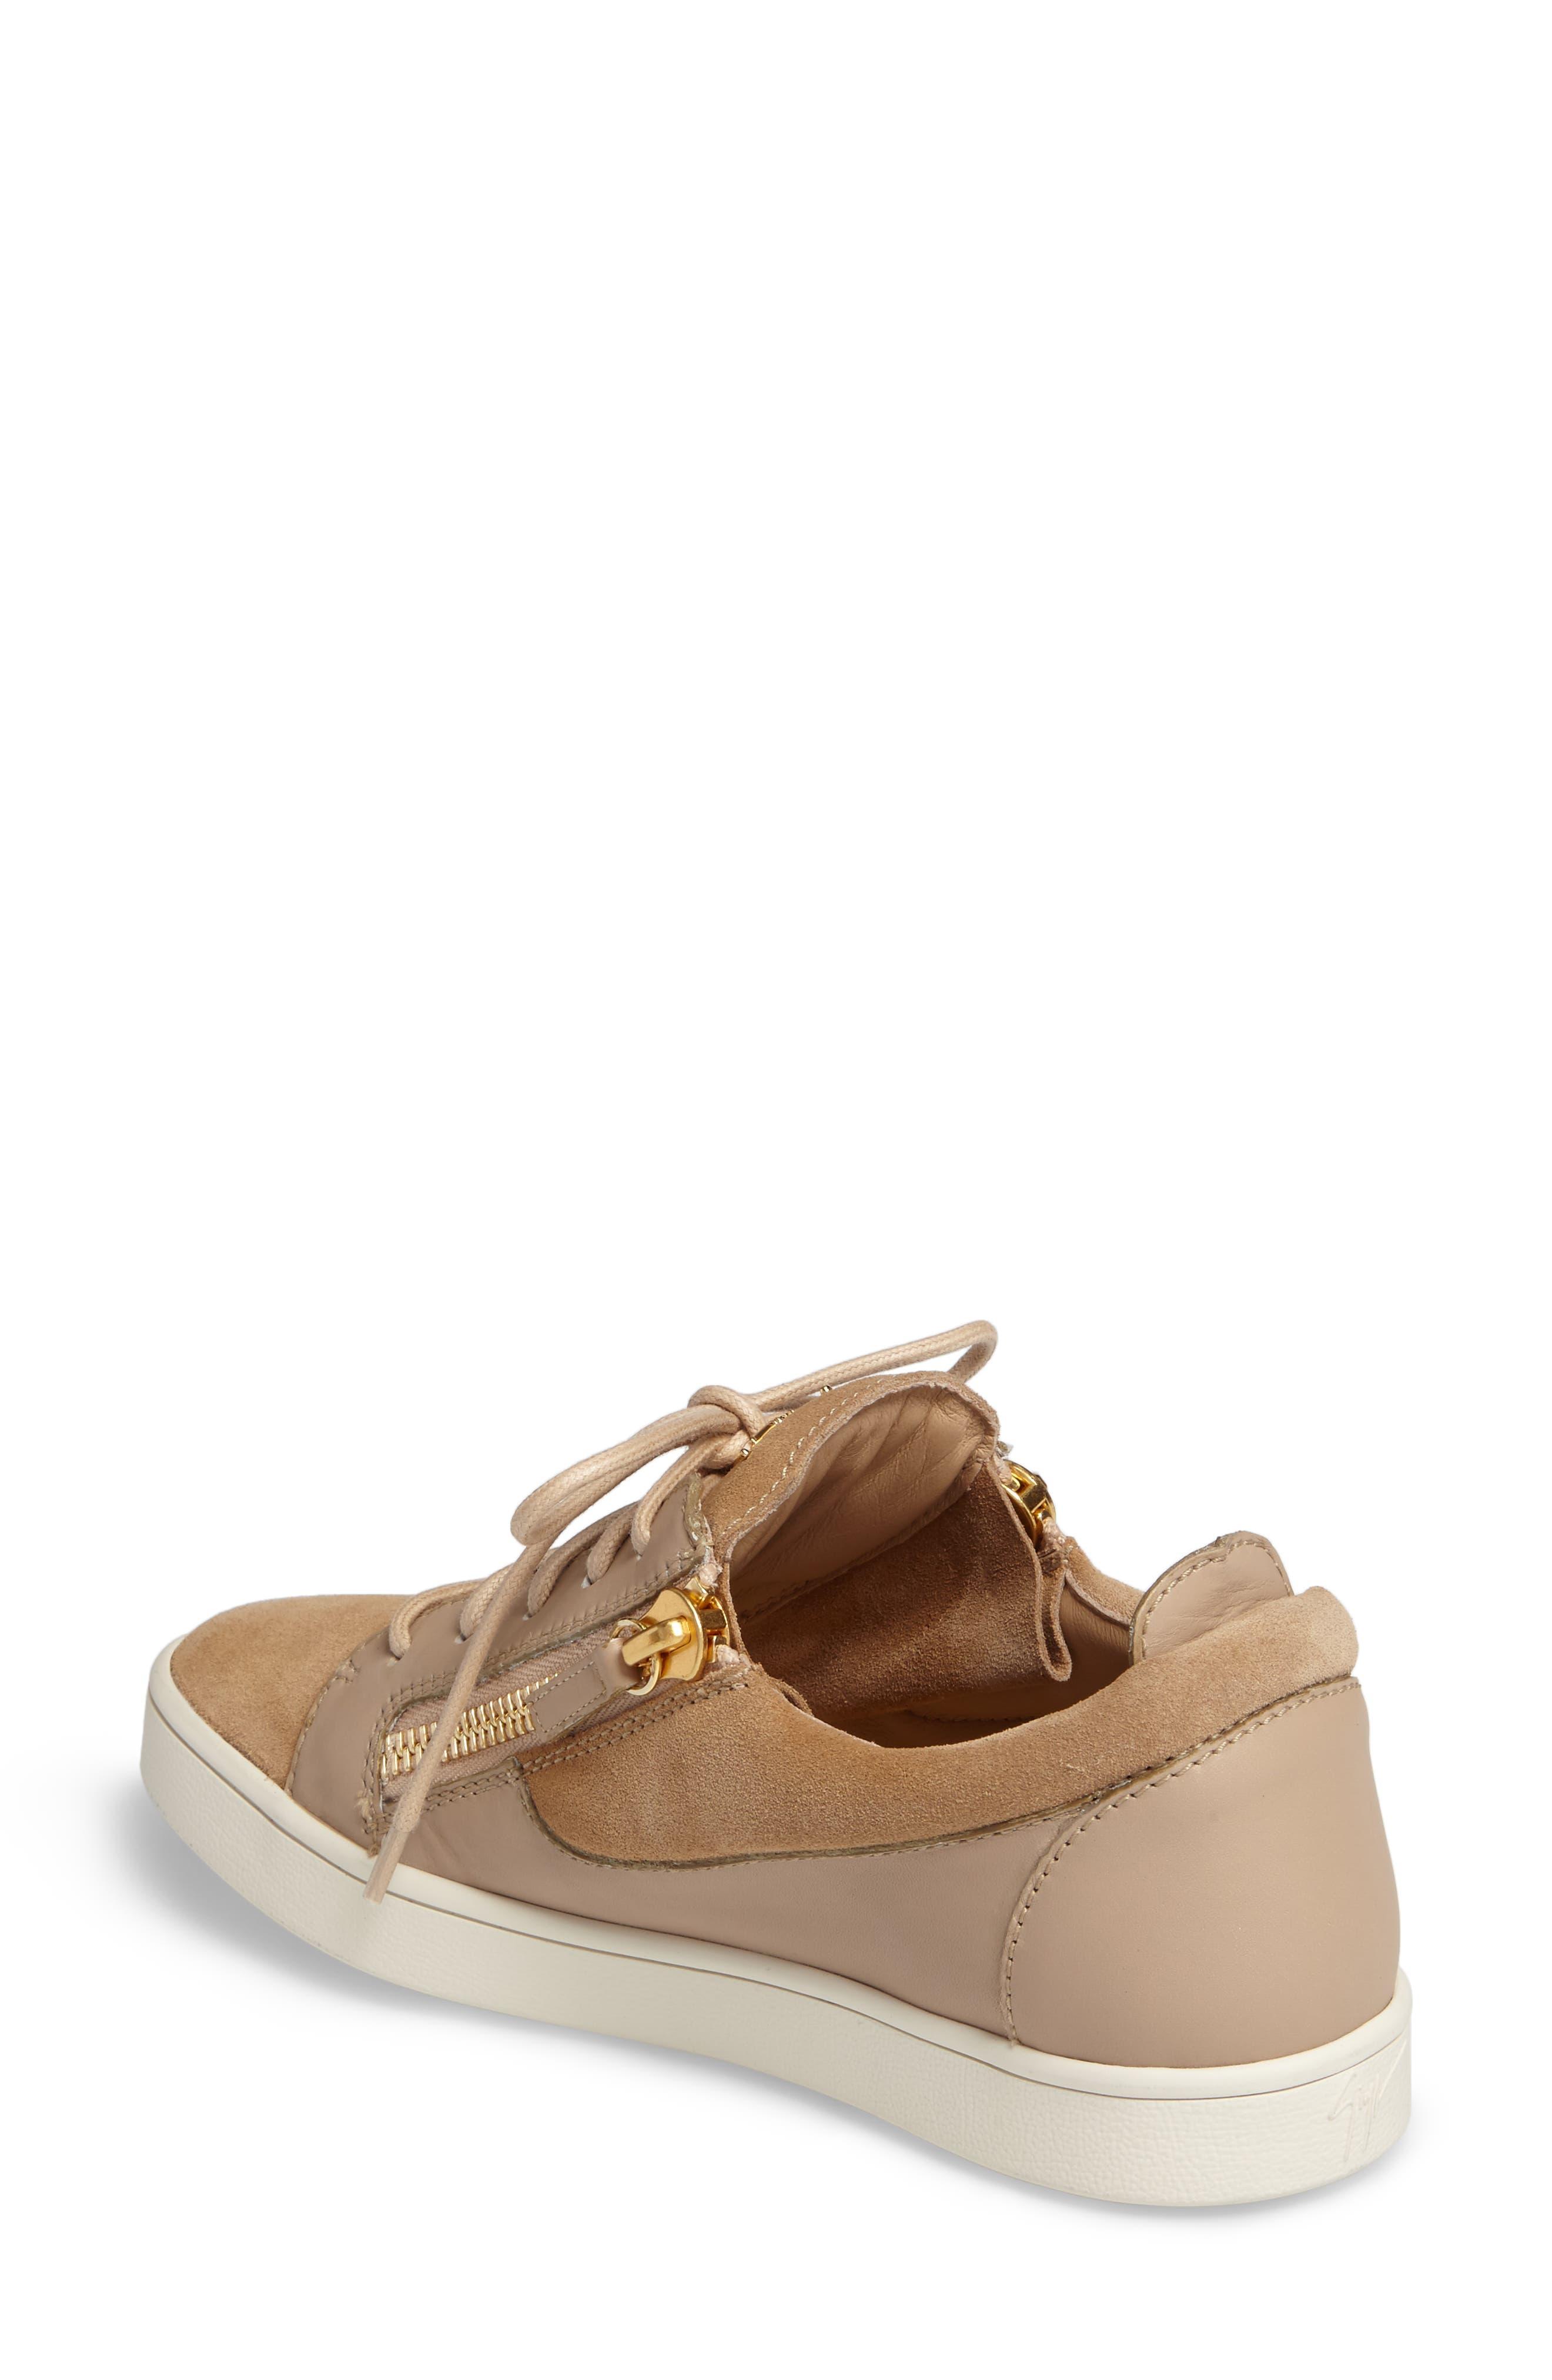 Low Top Zip Sneaker,                             Alternate thumbnail 2, color,                             250